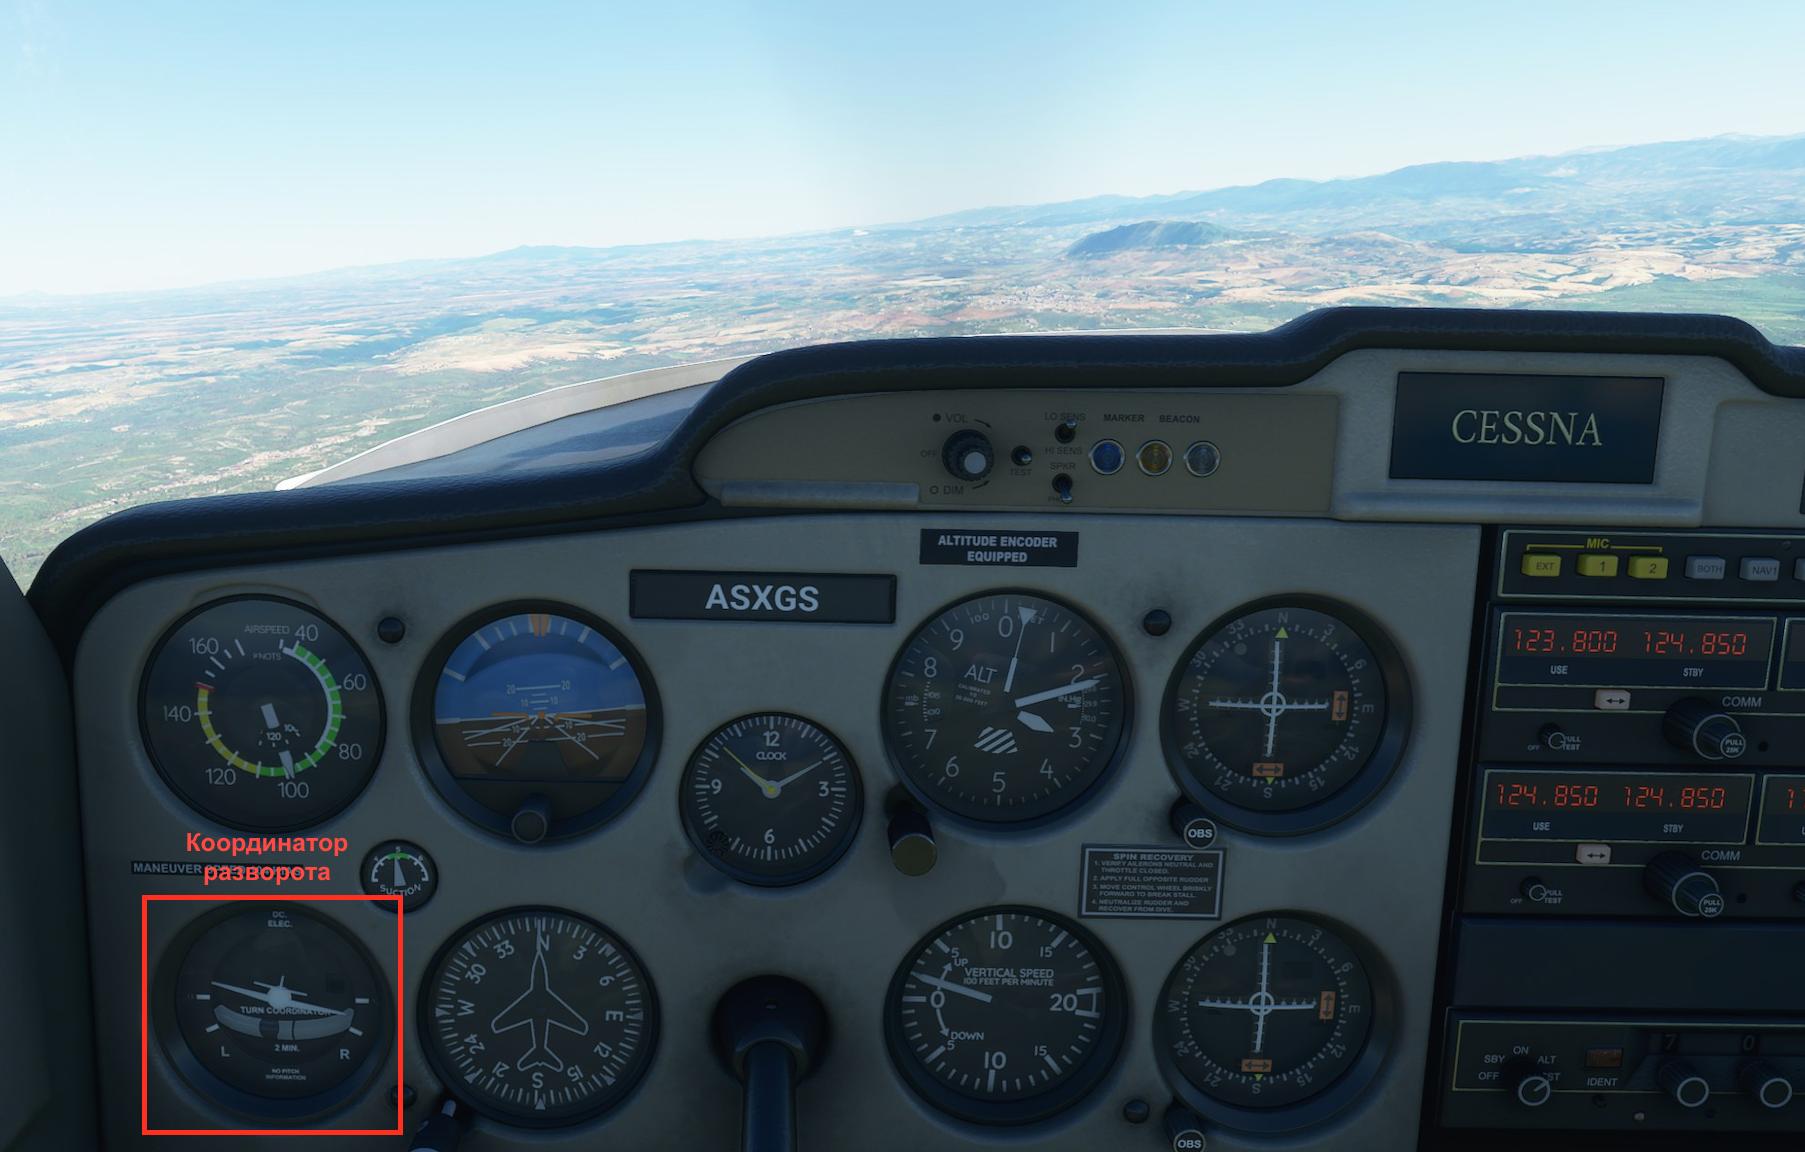 Гайд по Flight Simulator от пилотов: учимся управлять самолетом - 10